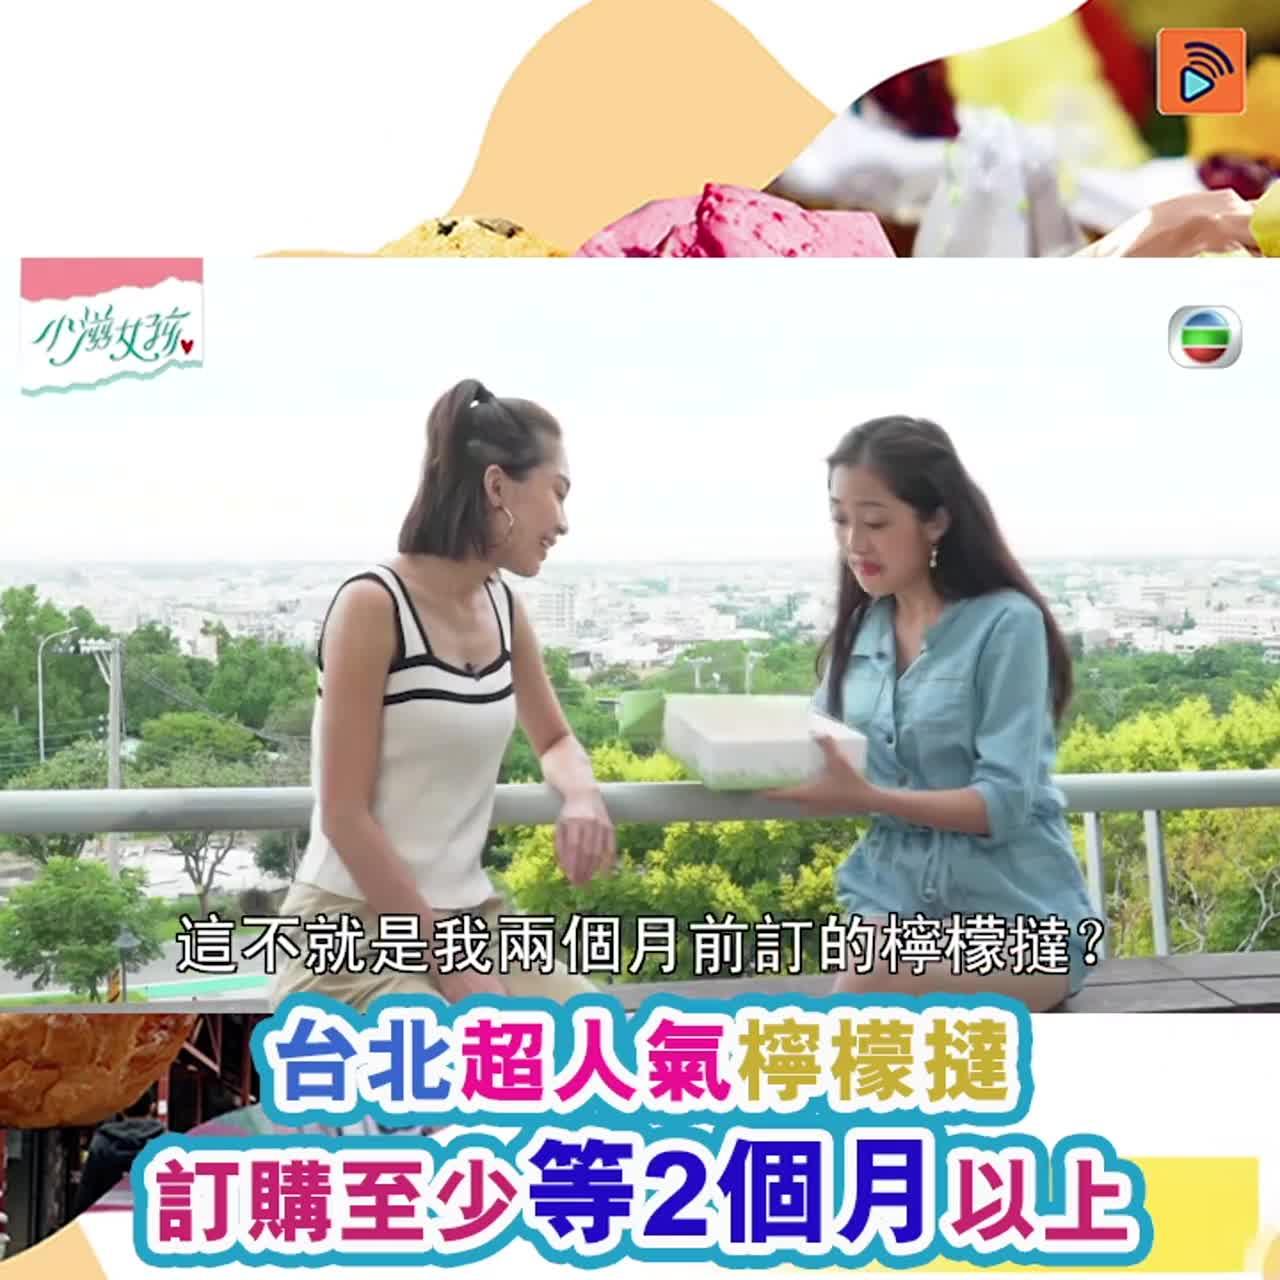 台灣超爆人氣家常檸檬撻 最低消費等2個月以上